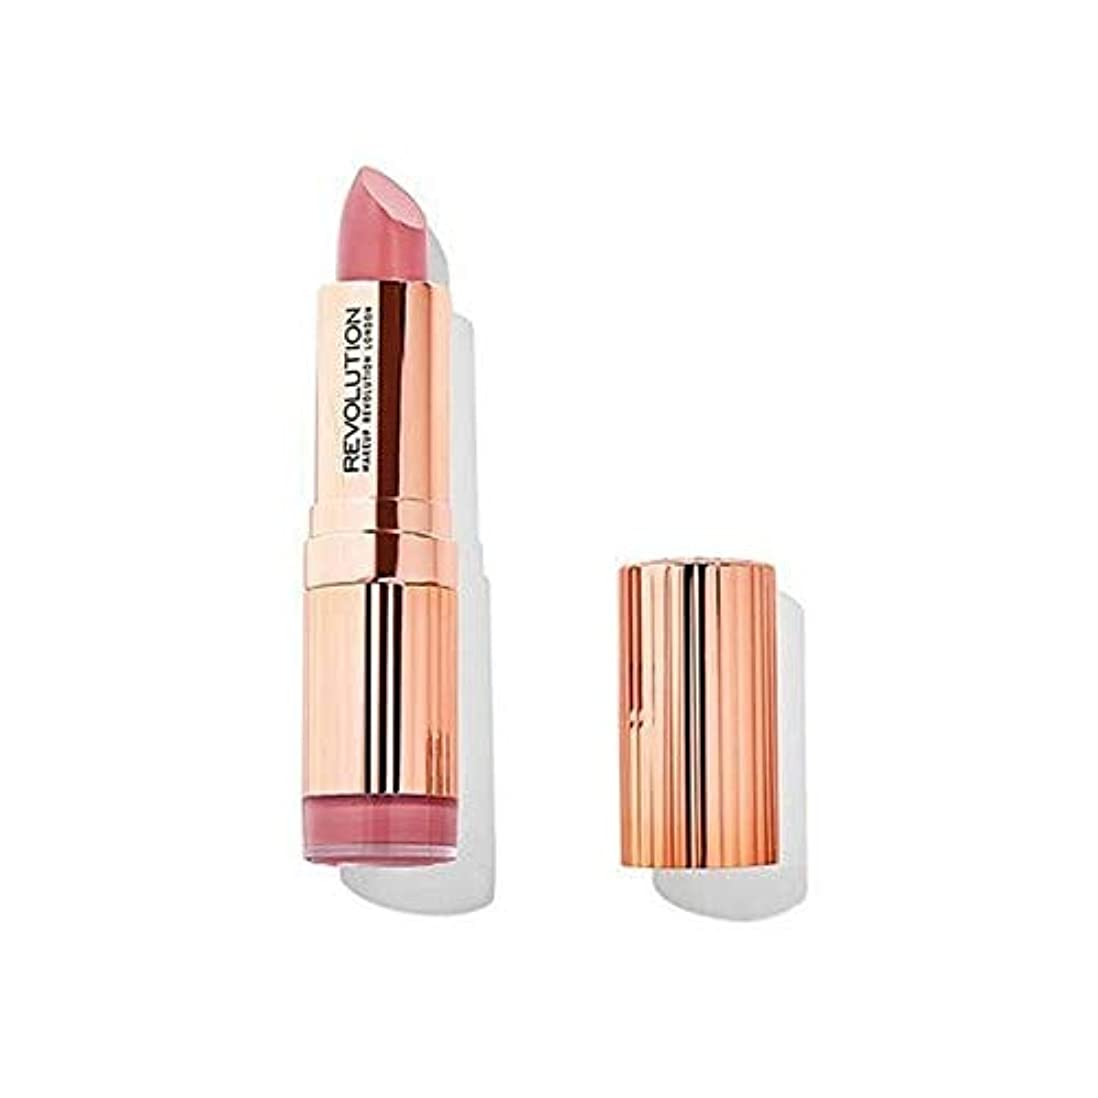 胃ラボ必須[Revolution ] ブレンド革命のルネサンス口紅 - Revolution Renaissance Lipstick Blended [並行輸入品]